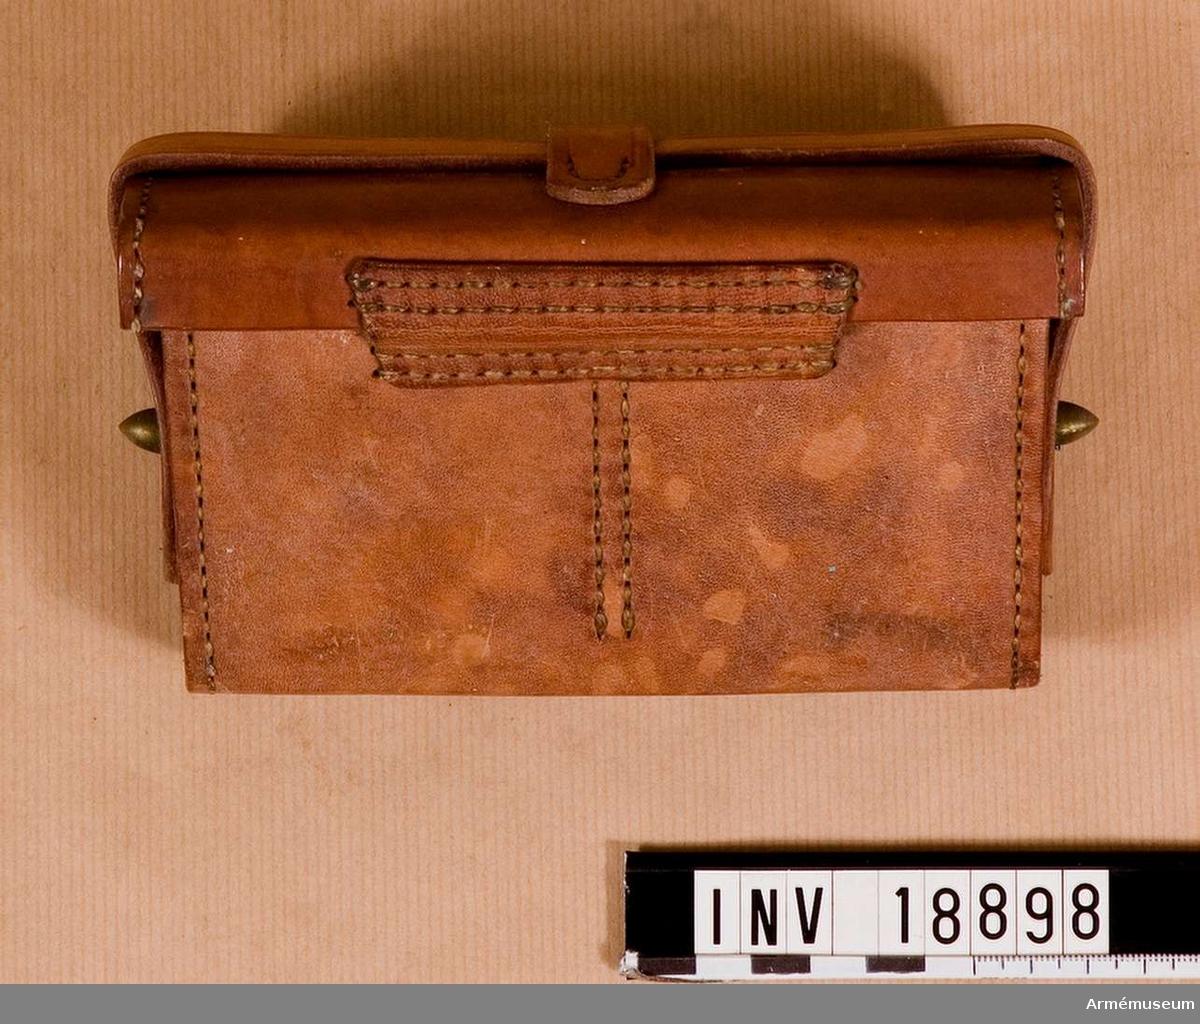 """Grupp C II. Av brunt läder. Består av: Lock som stängs med rem och två knapphål på ändarna. På lockets undersida finnes intryckta japanska stämplar. Väskan har inuti två avdelningar, för två paket patroner med 15 patroner vardera. På sidorna finns 2 knappar för att stänga med rem. På väskans baksida är 2 öglor för livrem fastsydda. LITT  Die Japanische Armée im Jahre 1910. Von ritter v. Ursyn-Pruszyniski. Wien, Teschen, Leipzig 1910. Sida 12 C. Ausrüstung. Infanterie. På livremmen finns 3 patronväskor: 2 på framsidan och en på baksidan. Den 3e väskan bäres på bäres på baksidan och innehåller 60 patroner. Bilaga 7: Infanteriet från baksidan med likadan  patronväska. """"Infanterist in Marschadjustierung""""Enl W Granberg."""